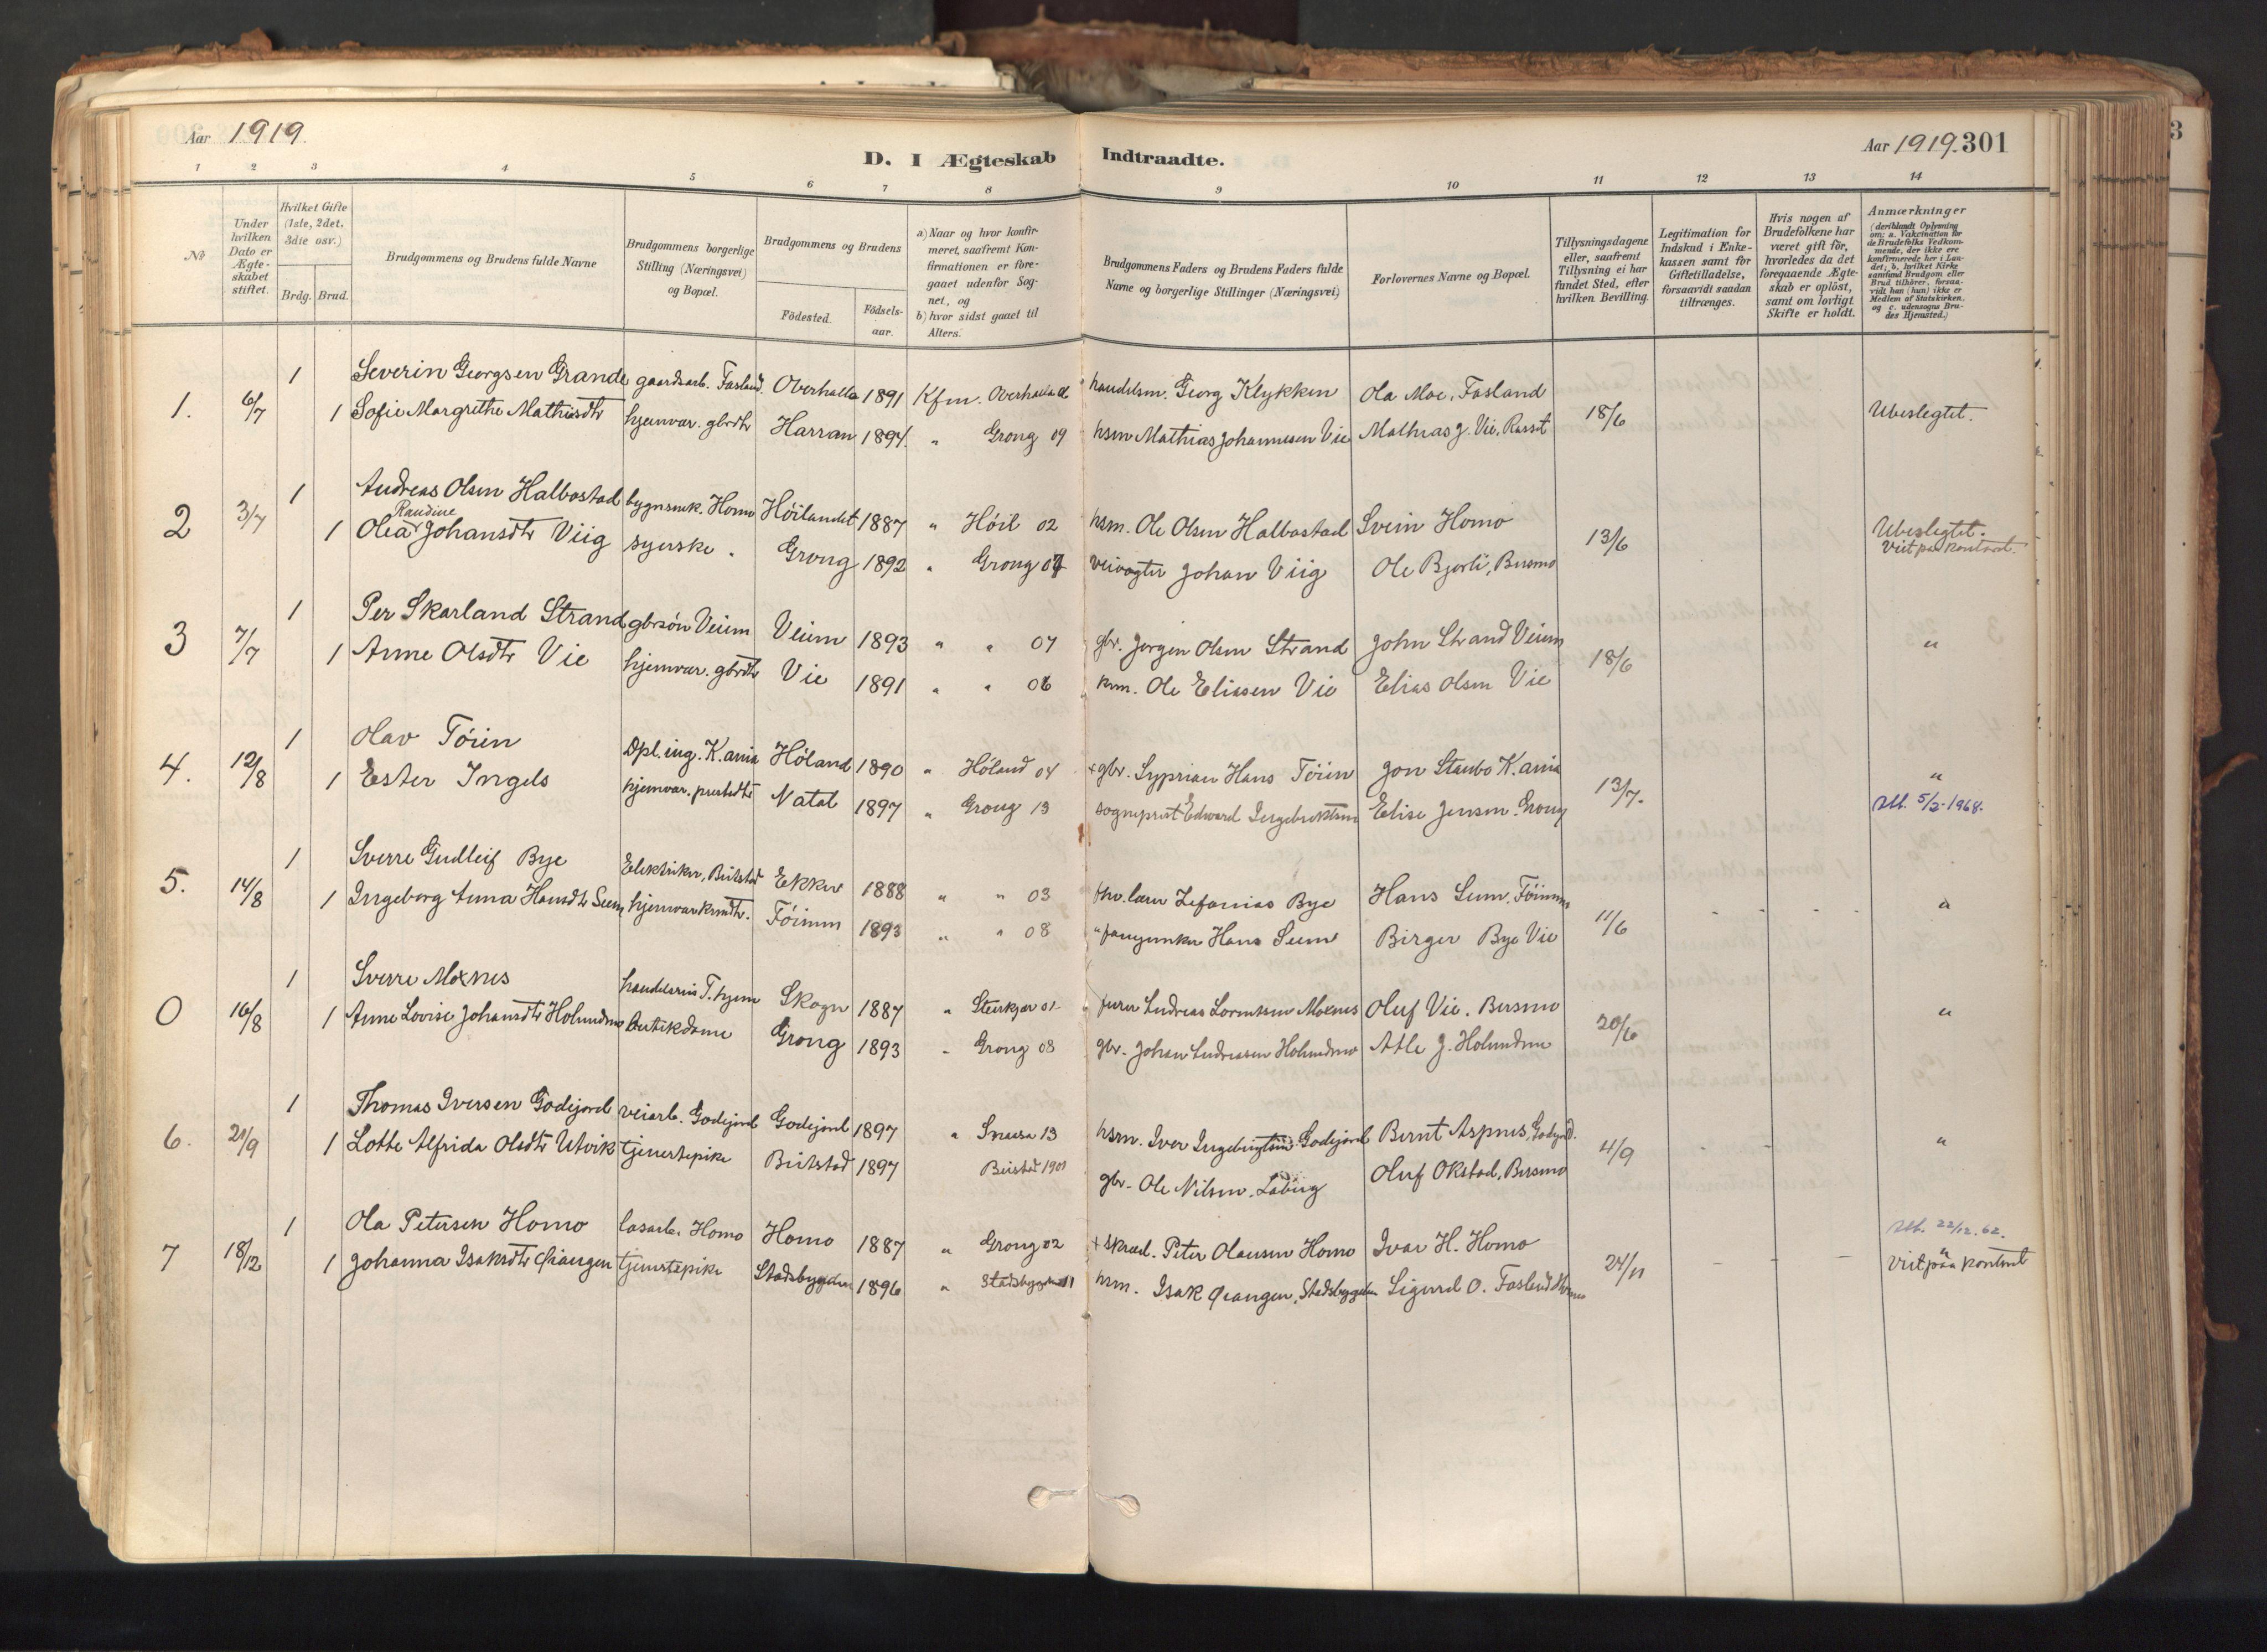 SAT, Ministerialprotokoller, klokkerbøker og fødselsregistre - Nord-Trøndelag, 758/L0519: Ministerialbok nr. 758A04, 1880-1926, s. 301